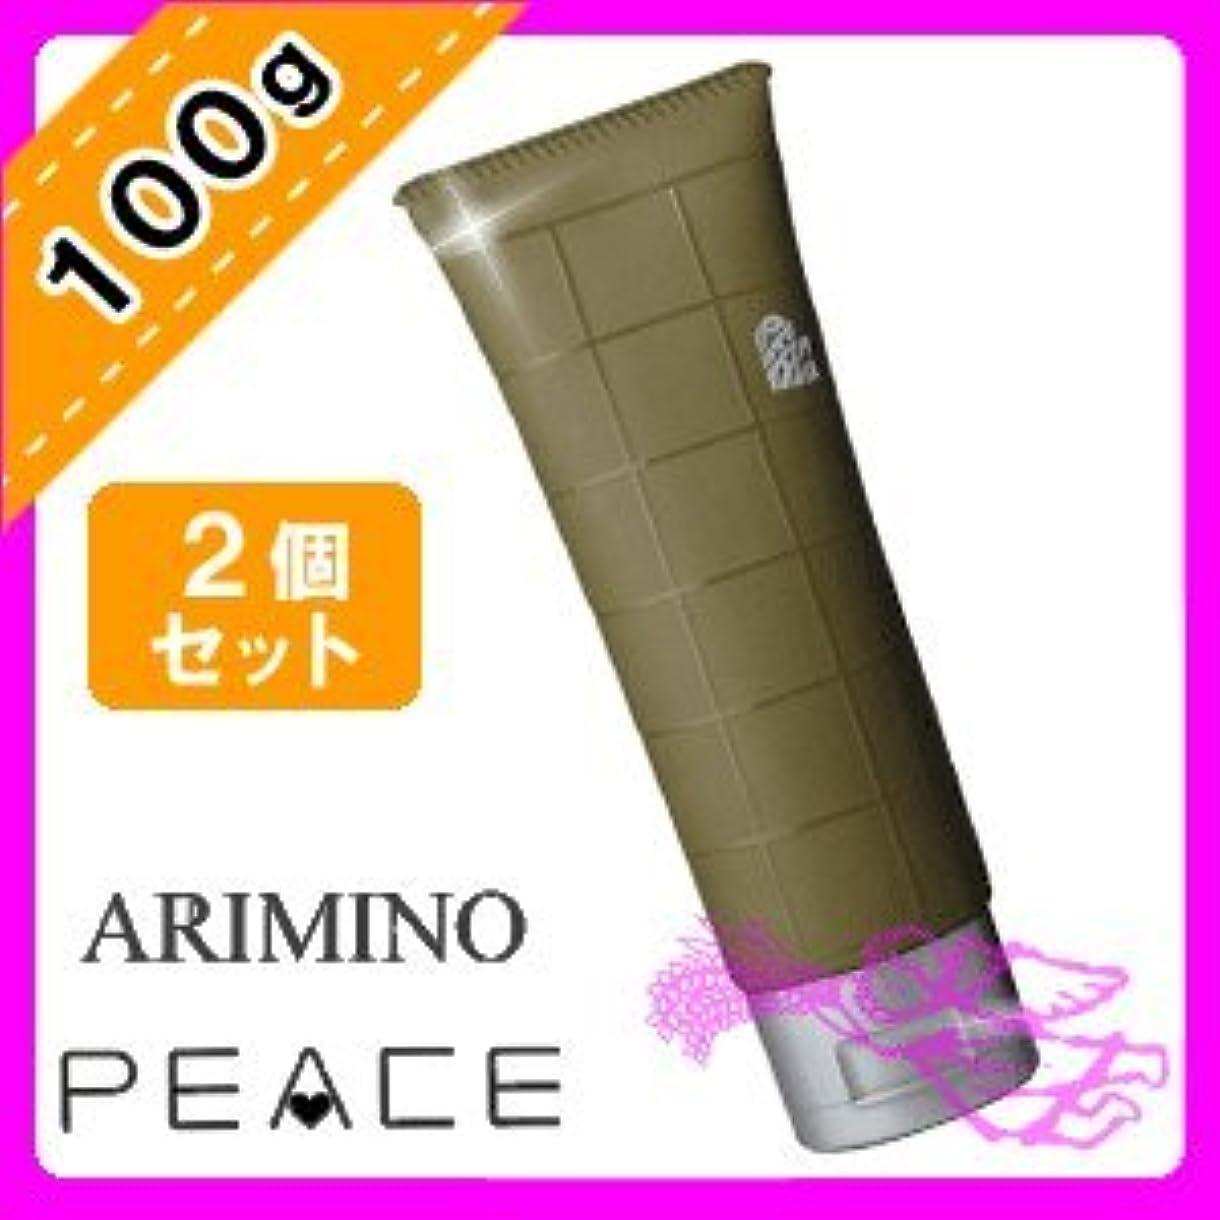 もつれブランデーミシン目アリミノ ピース ウェットオイル ワックス 100g ×2個セット arimino PEACE